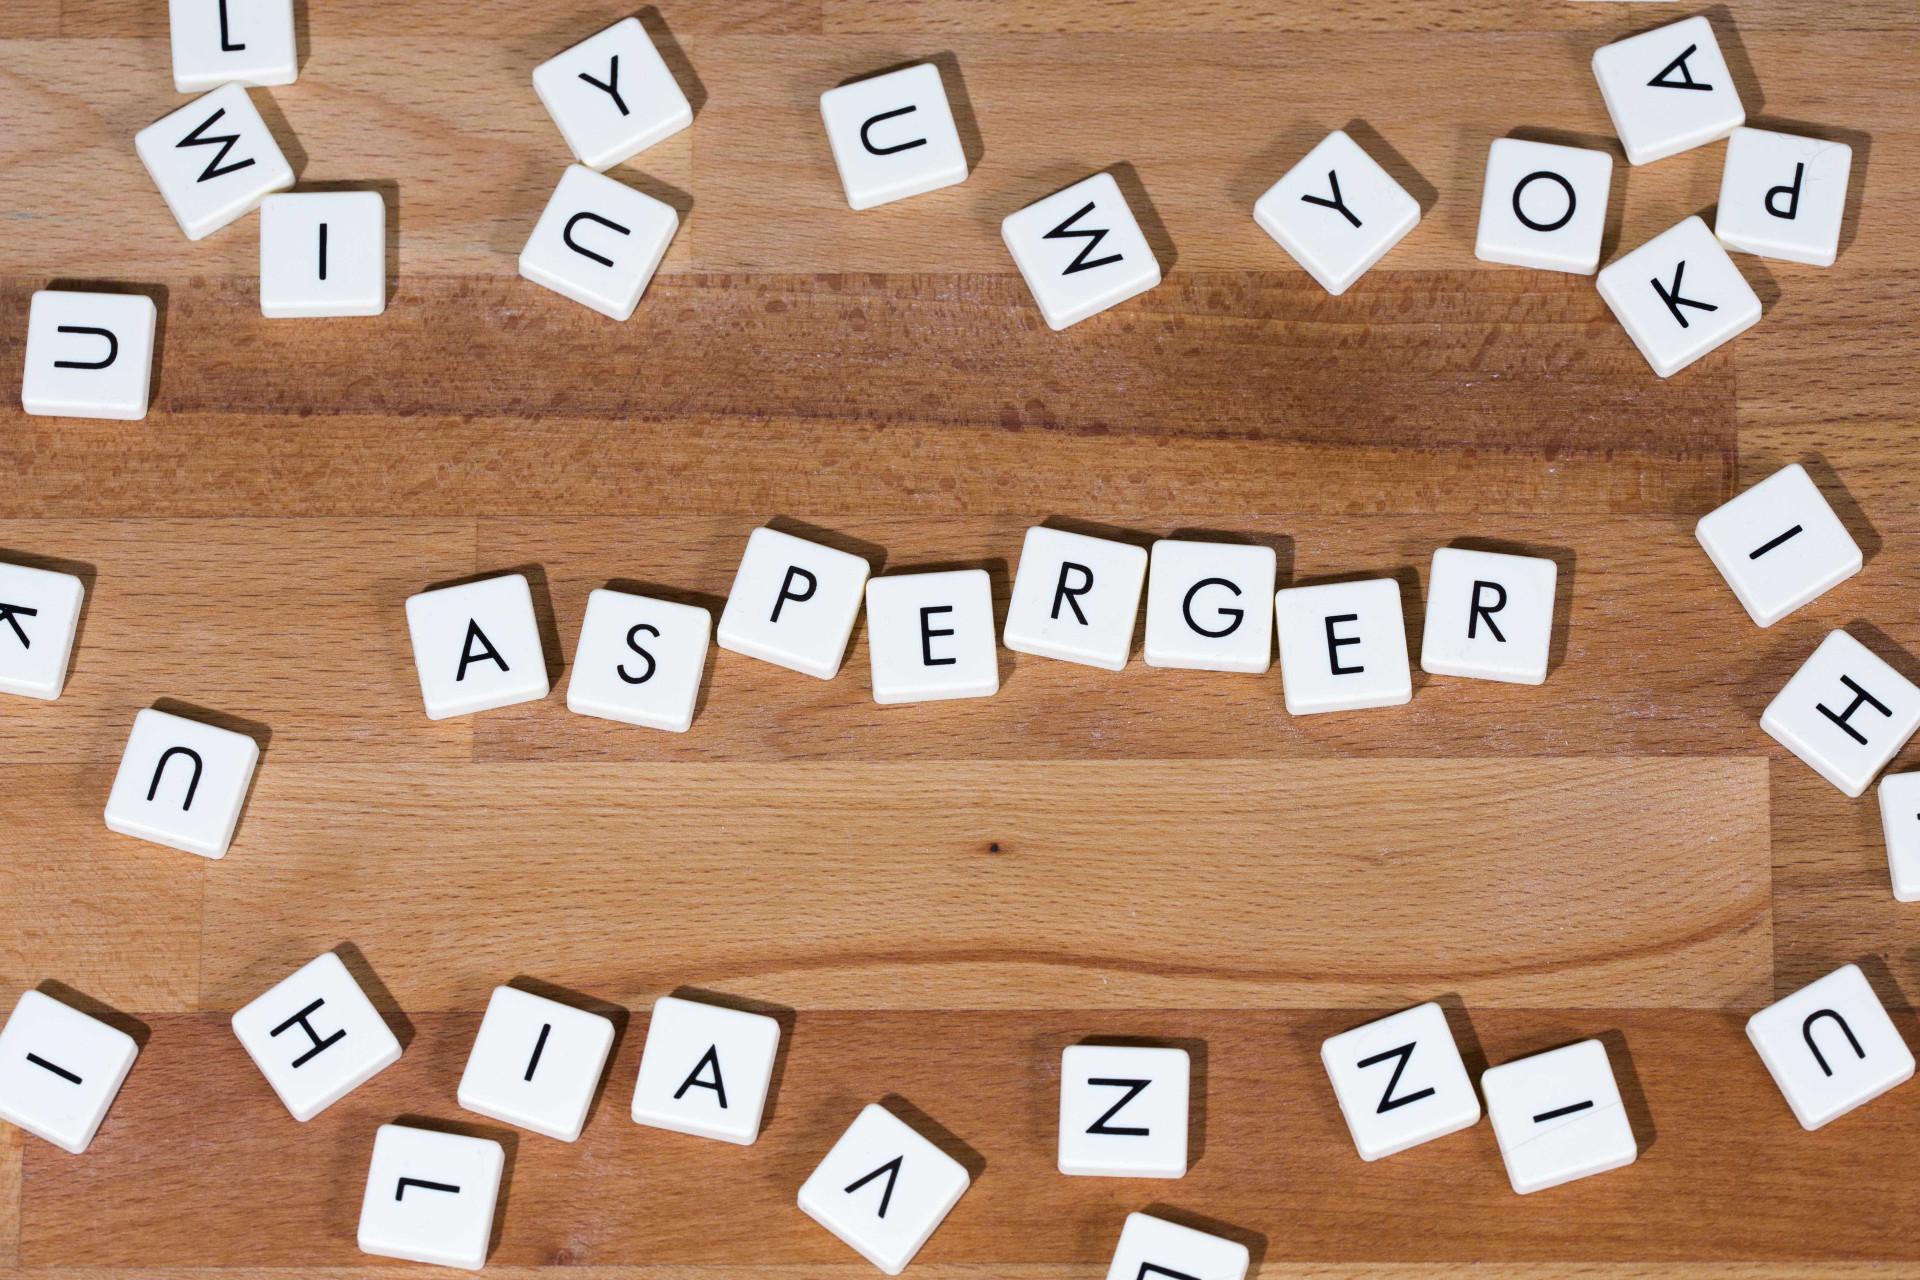 Síndrome de Asperger. Das 'caras conhecidas' à essência da doença